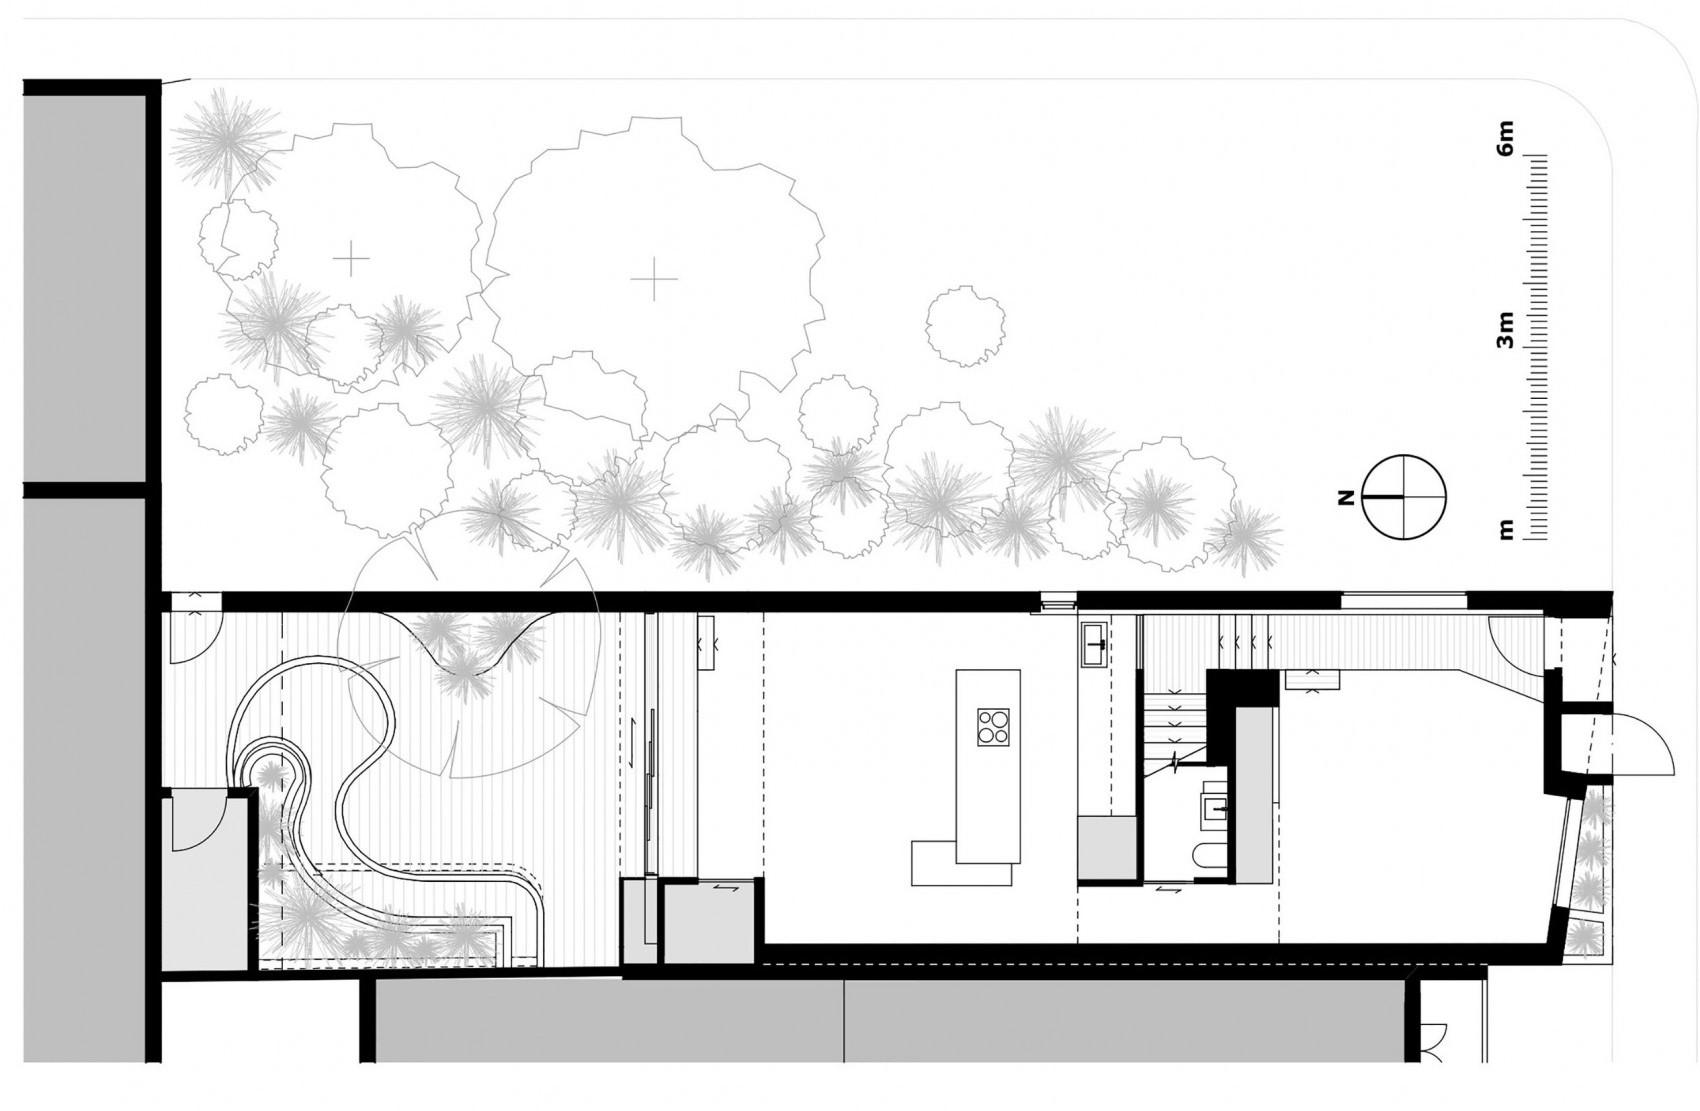 проект современного дома чертёж